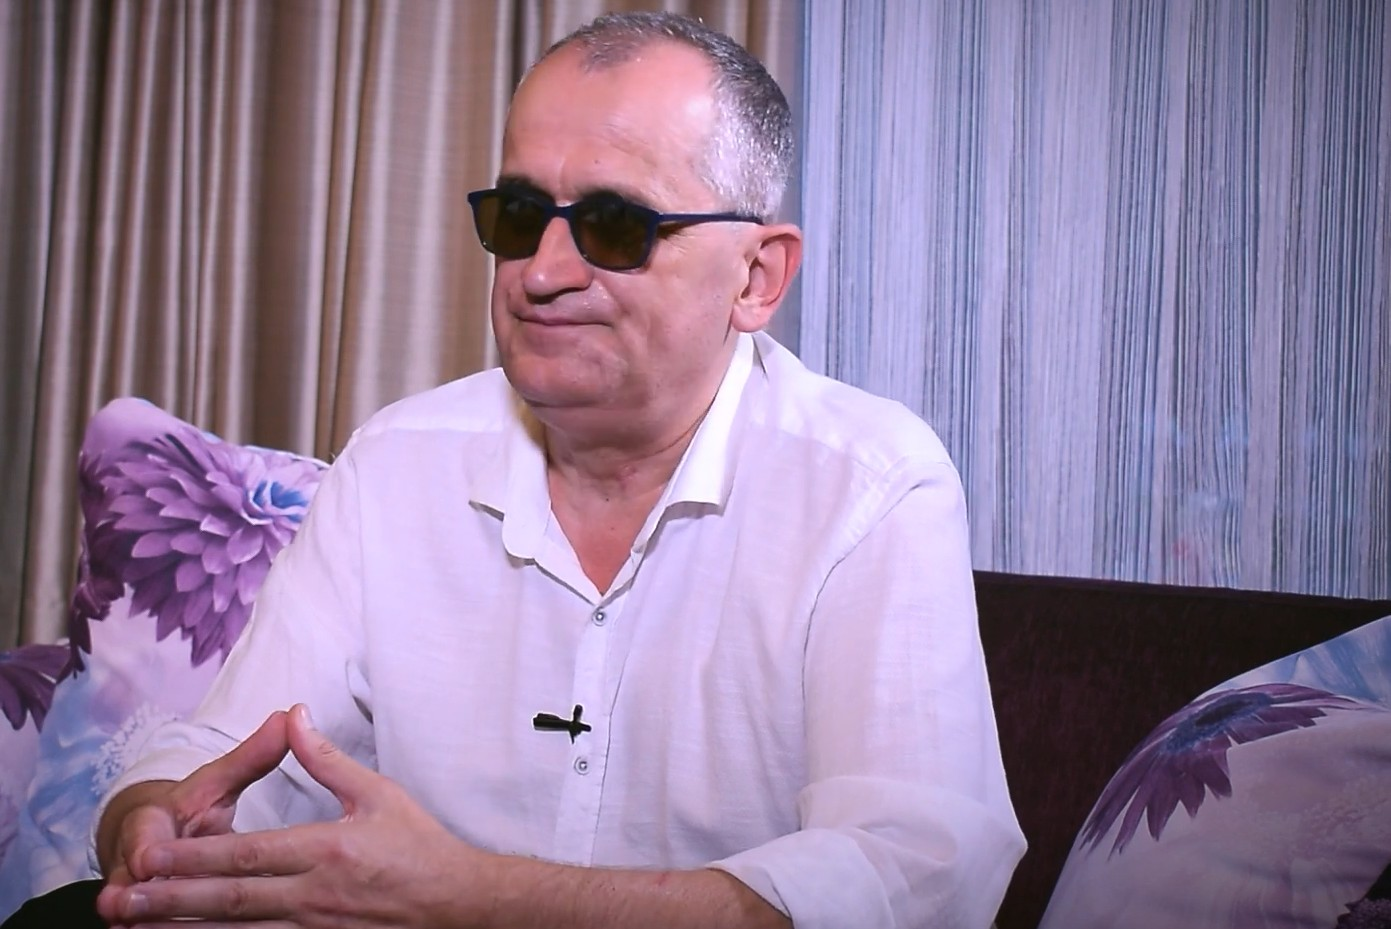 Politički analitičar i stručnjak za bezbednost i terorizam Dževad Galijašević (Foto: Snimak ekrana/Jutjub)